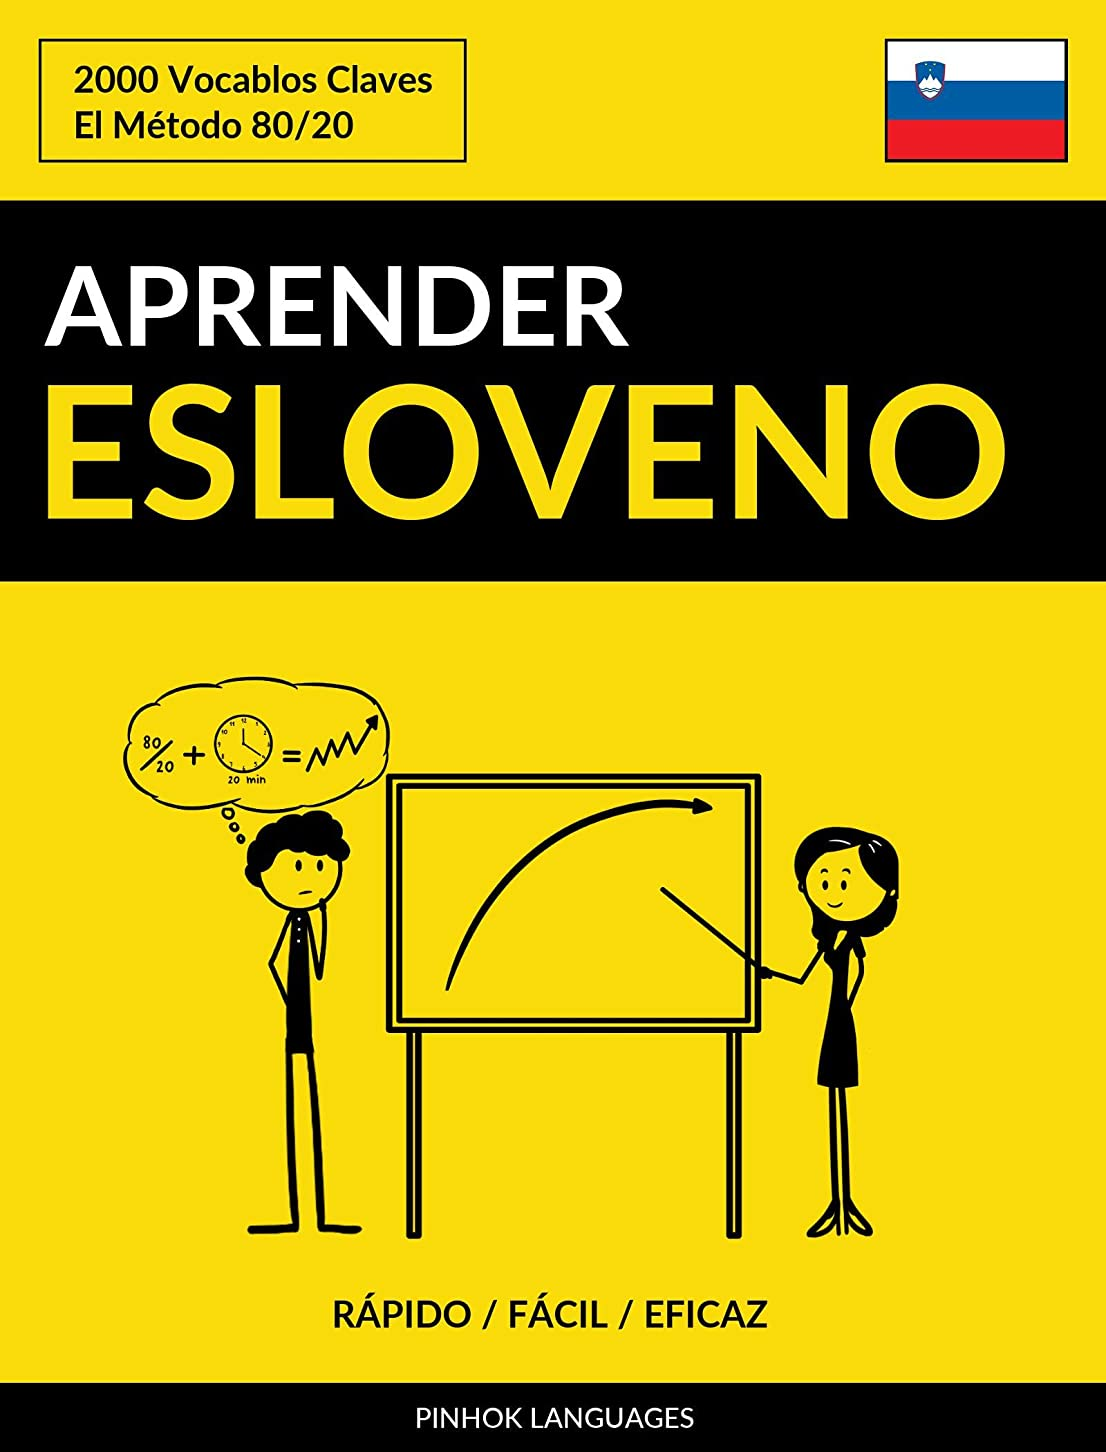 電気の容量移行するAprender Esloveno - Rápido / Fácil / Eficaz: 2000 Vocablos Claves (Spanish Edition)